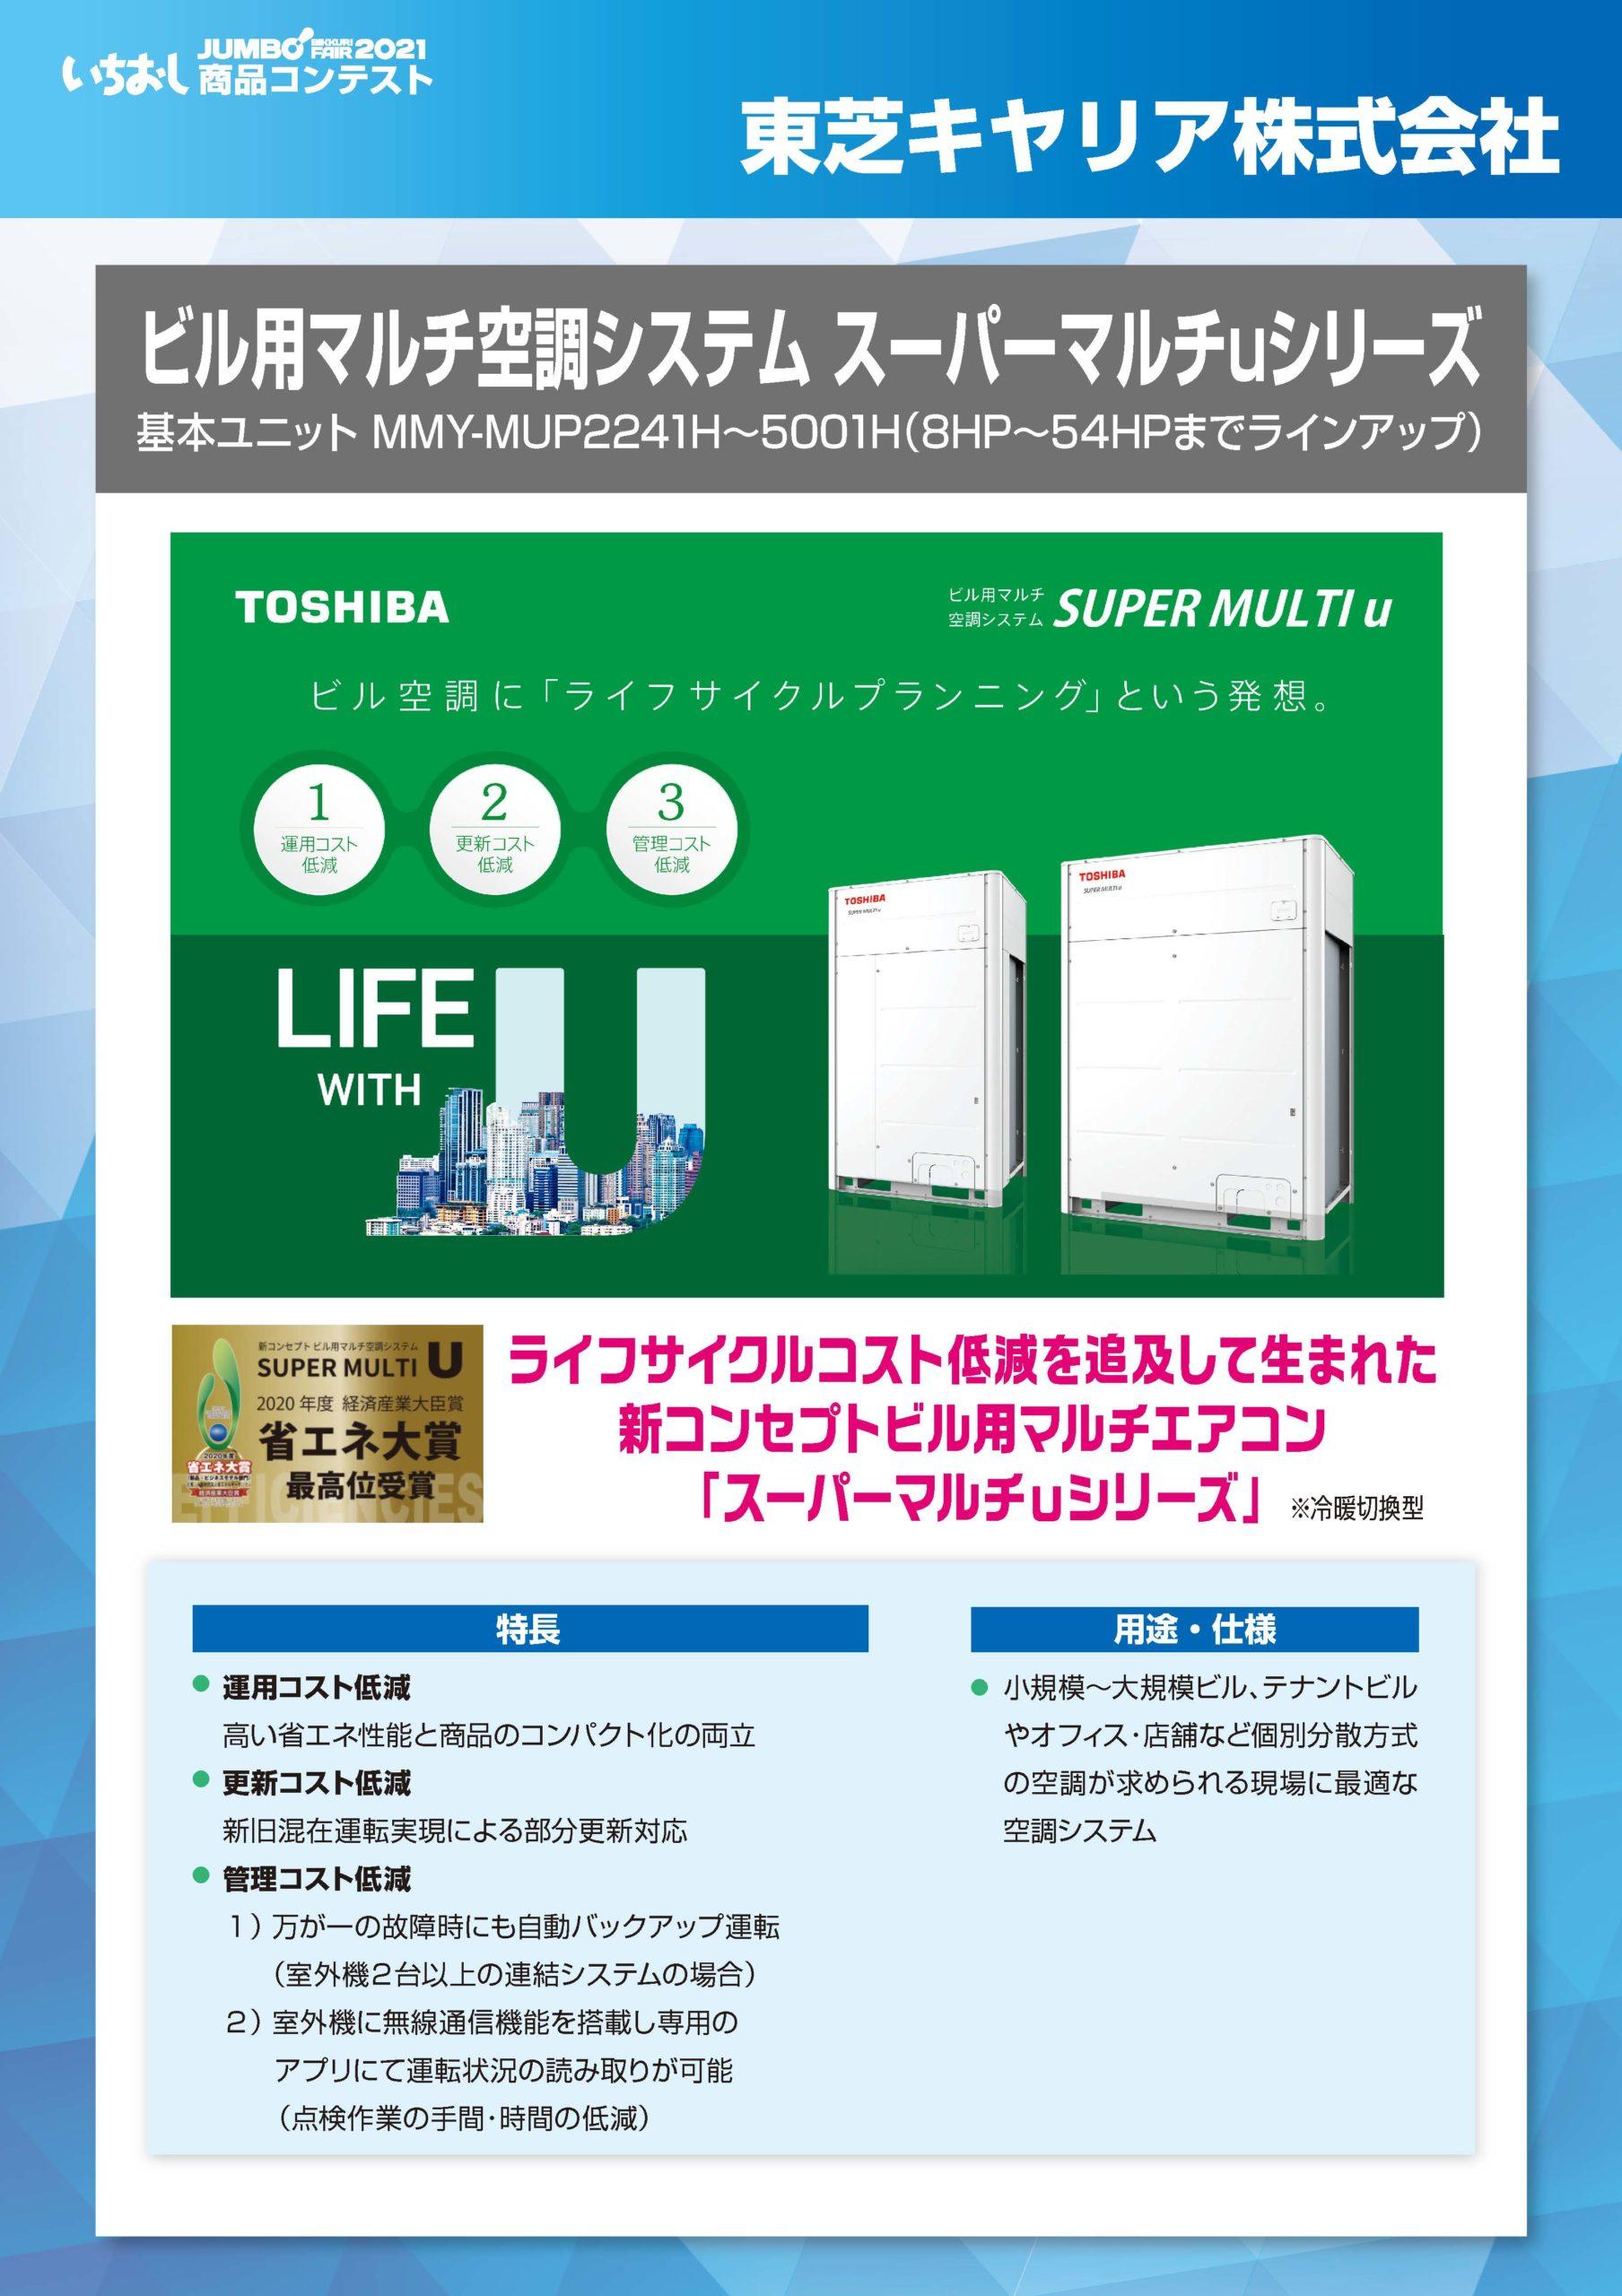 「ビル用マルチ空調システム スーパーマルチuシリーズ」東芝キヤリア株式会社の画像